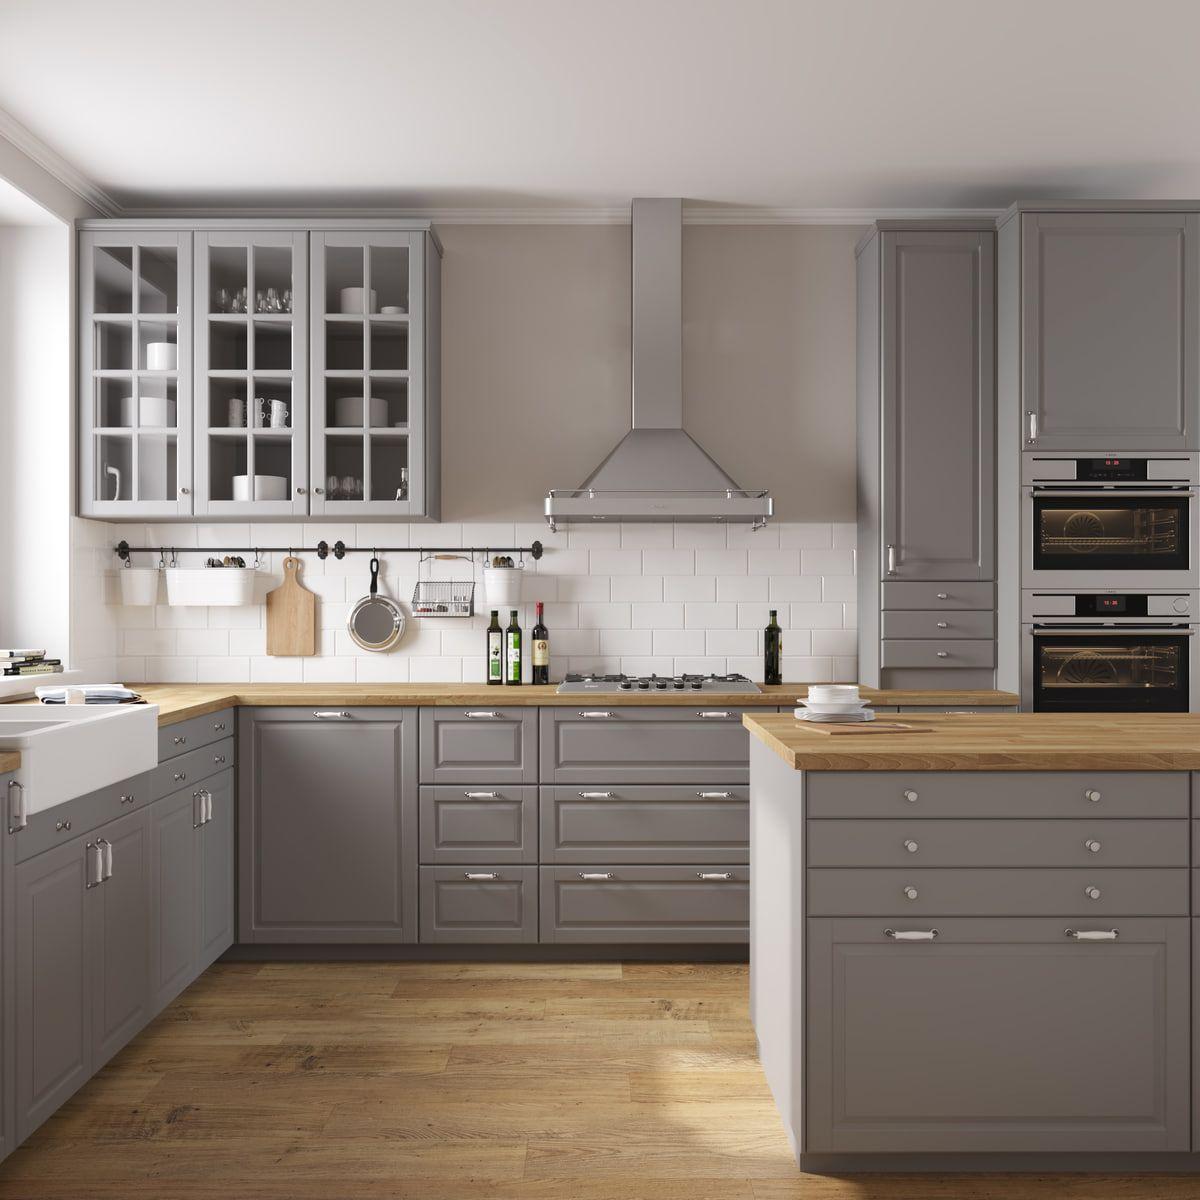 Ikea Bodbyn 3d Max 3d Model Kitchen Interior Kitchen